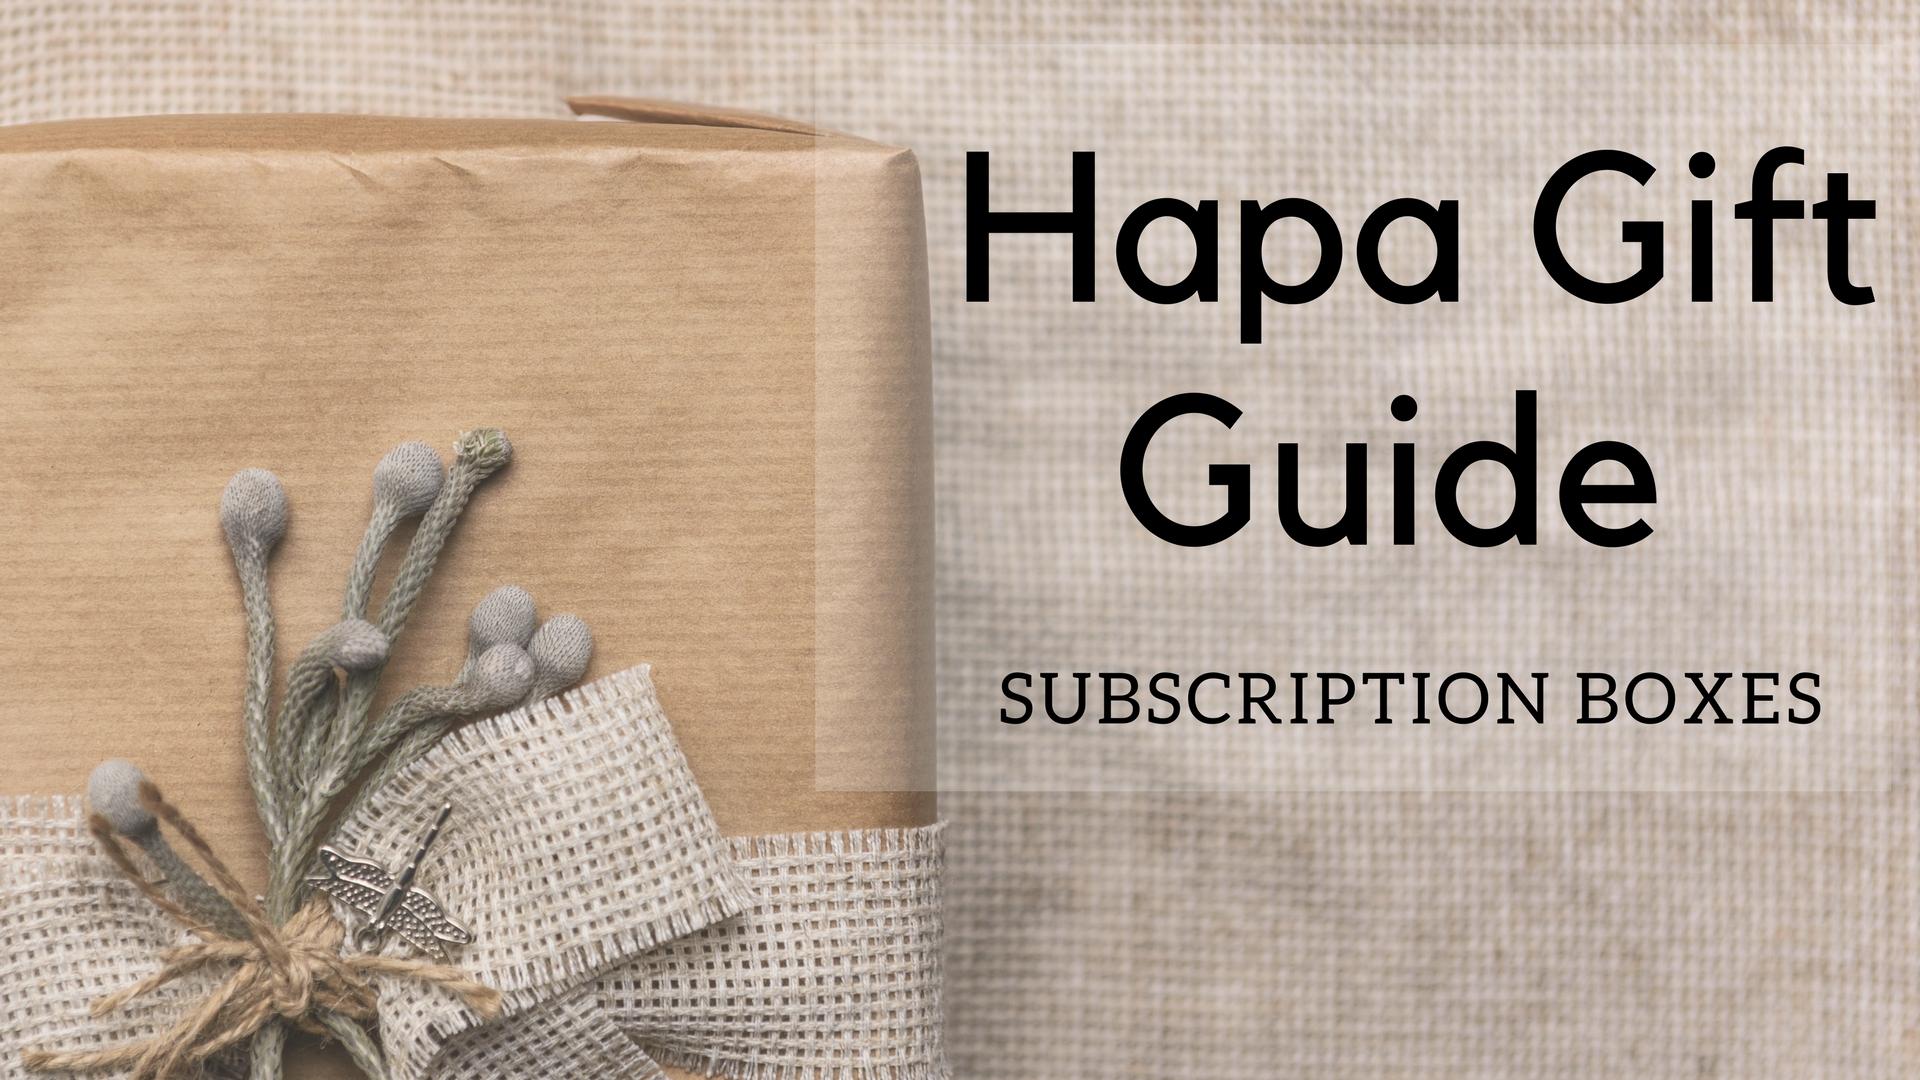 Hapa gift guide.jpg